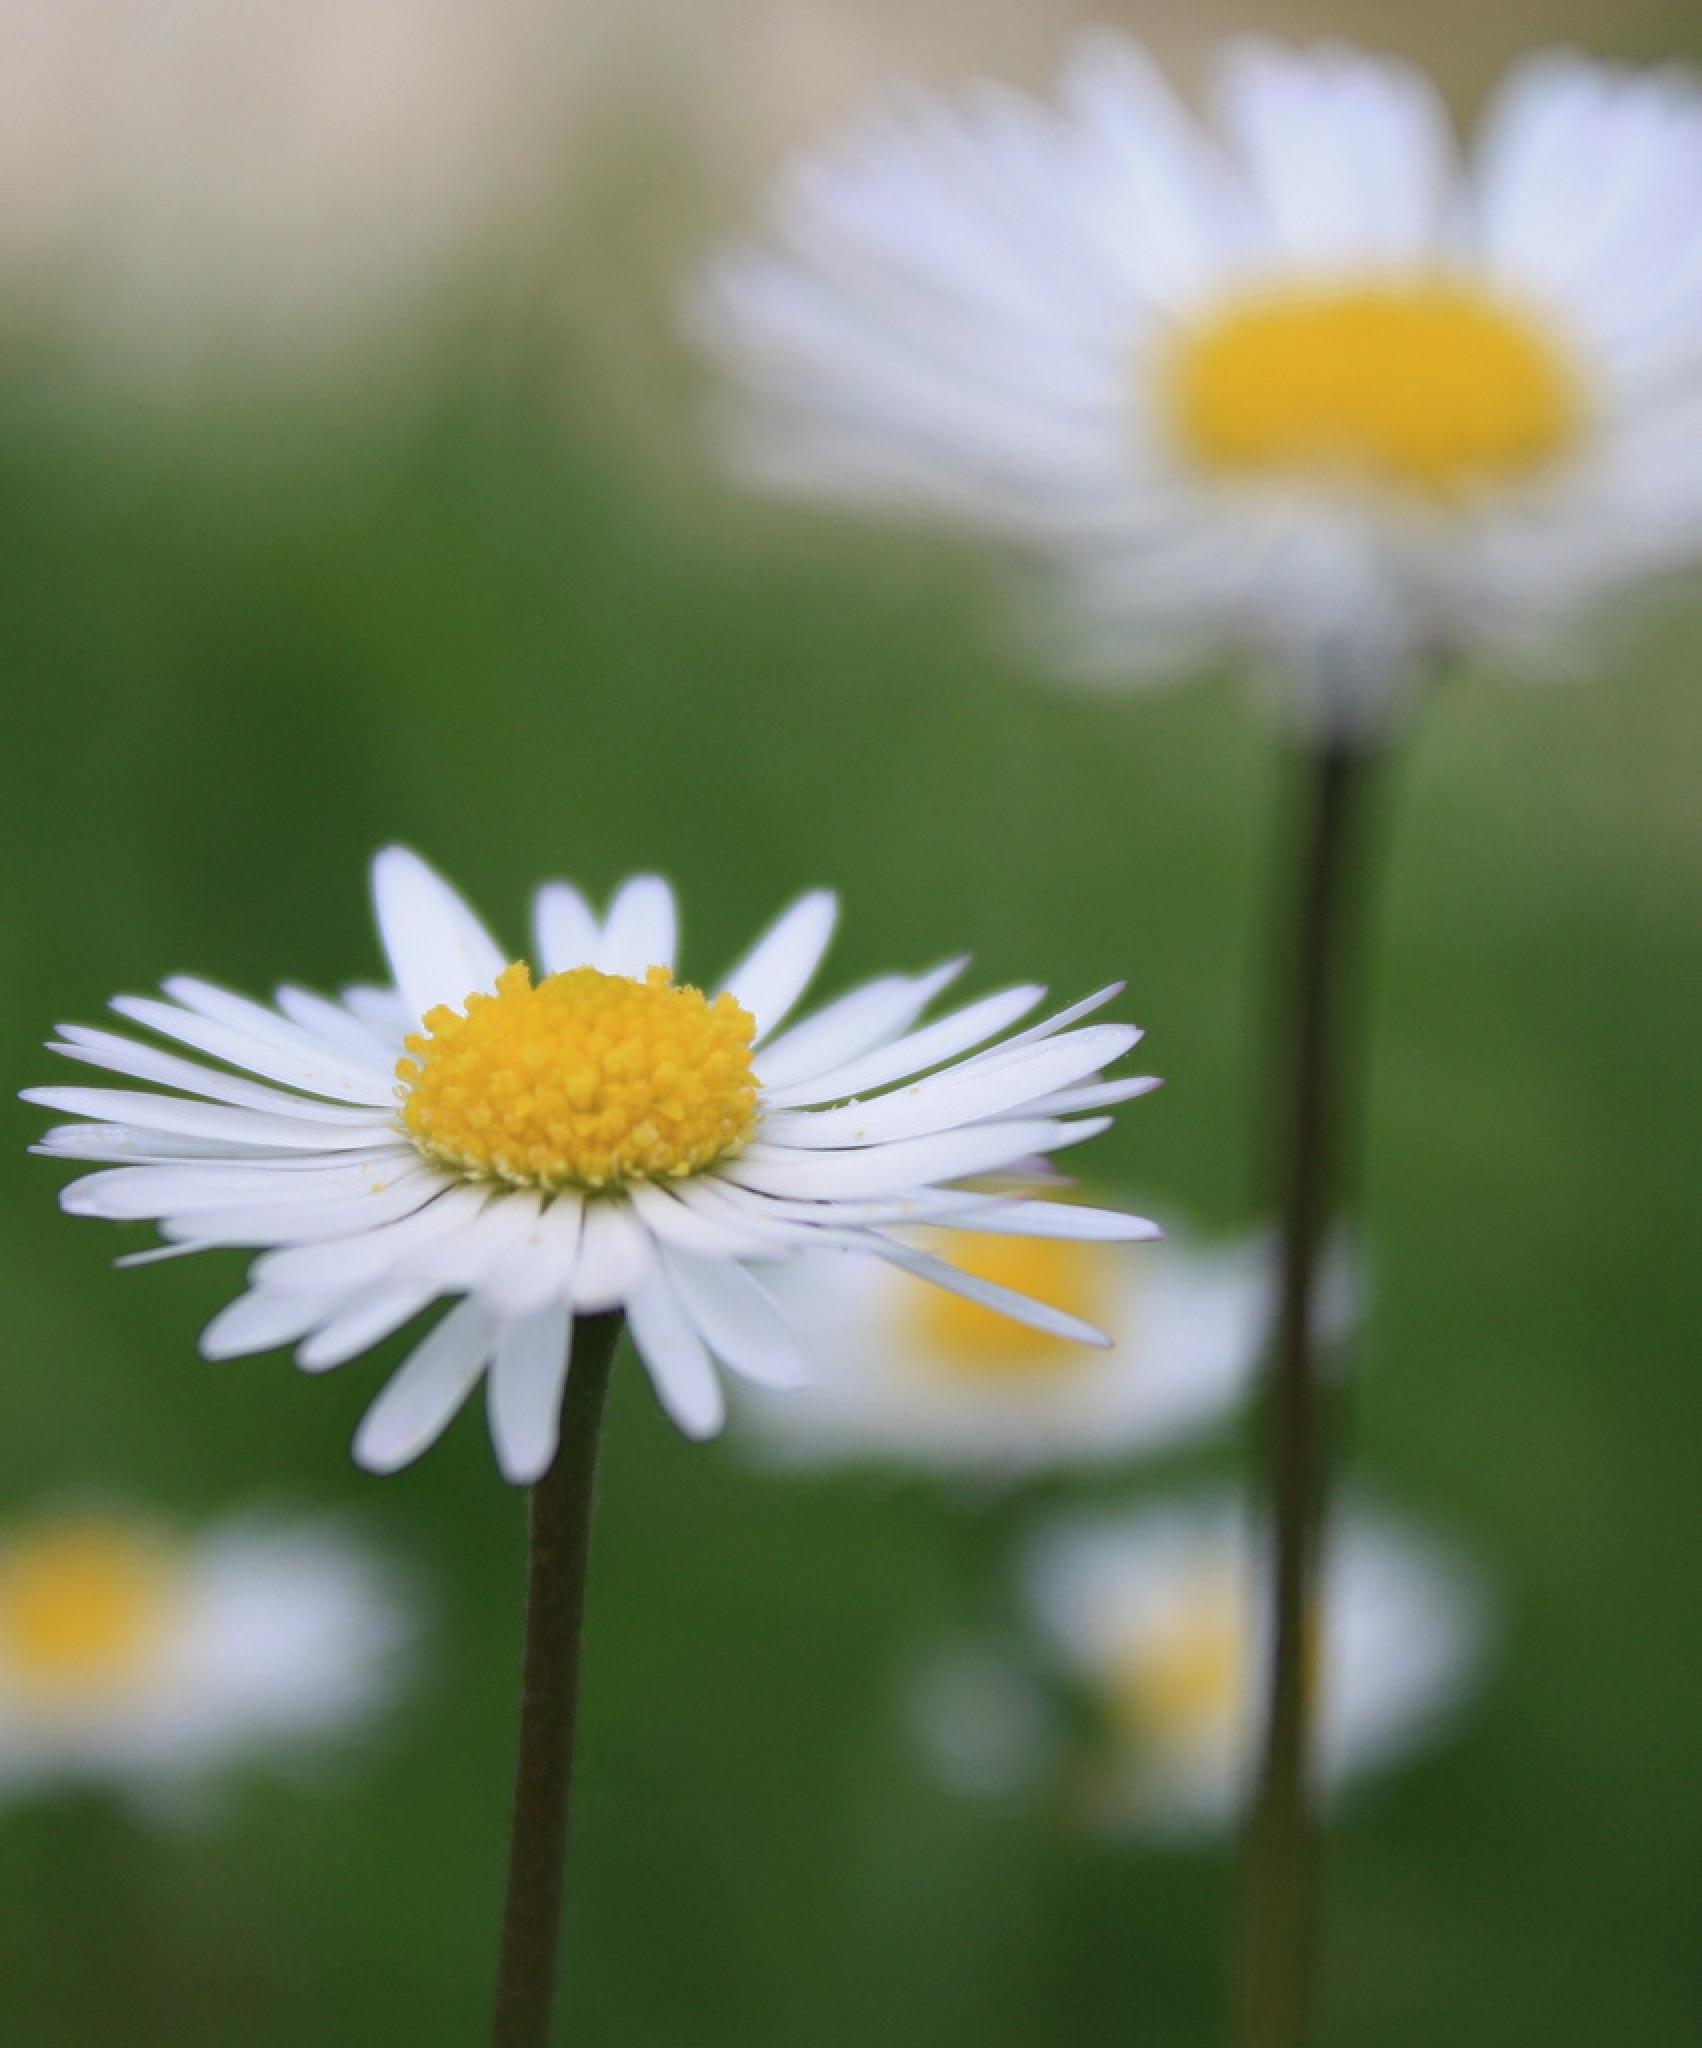 Daisy Daisy by cathywarne3